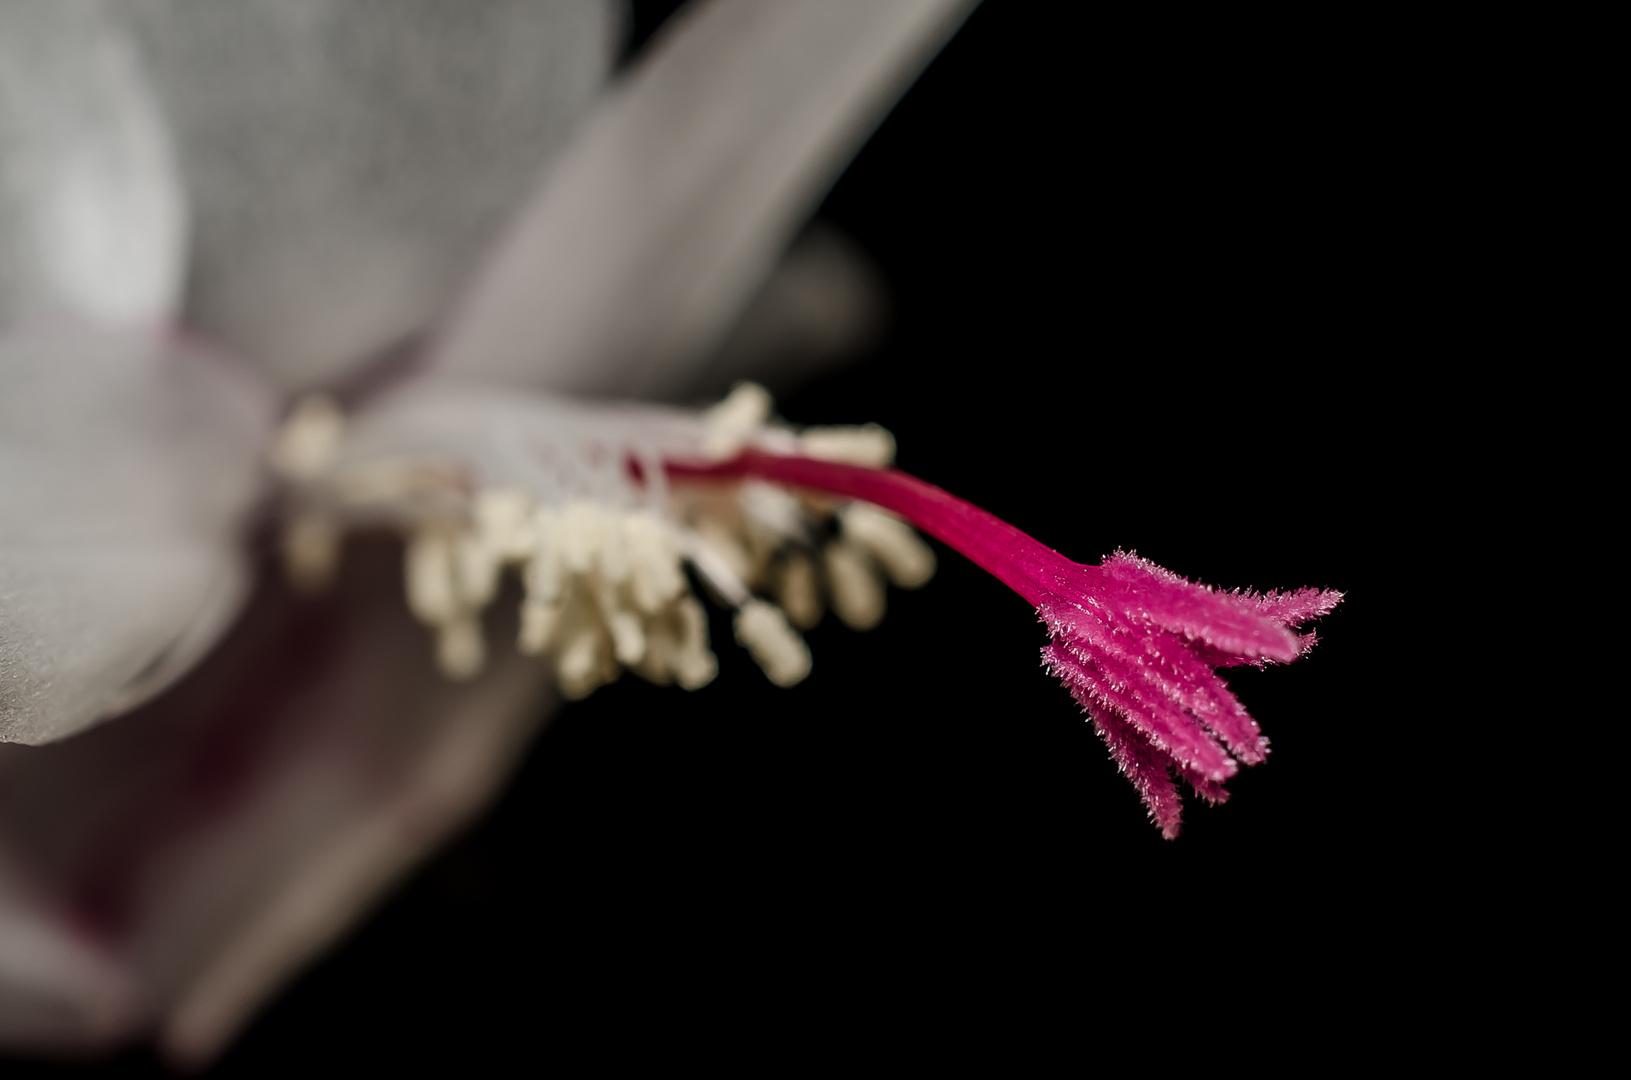 weihnachtskaktus (schlumbergera truncata)